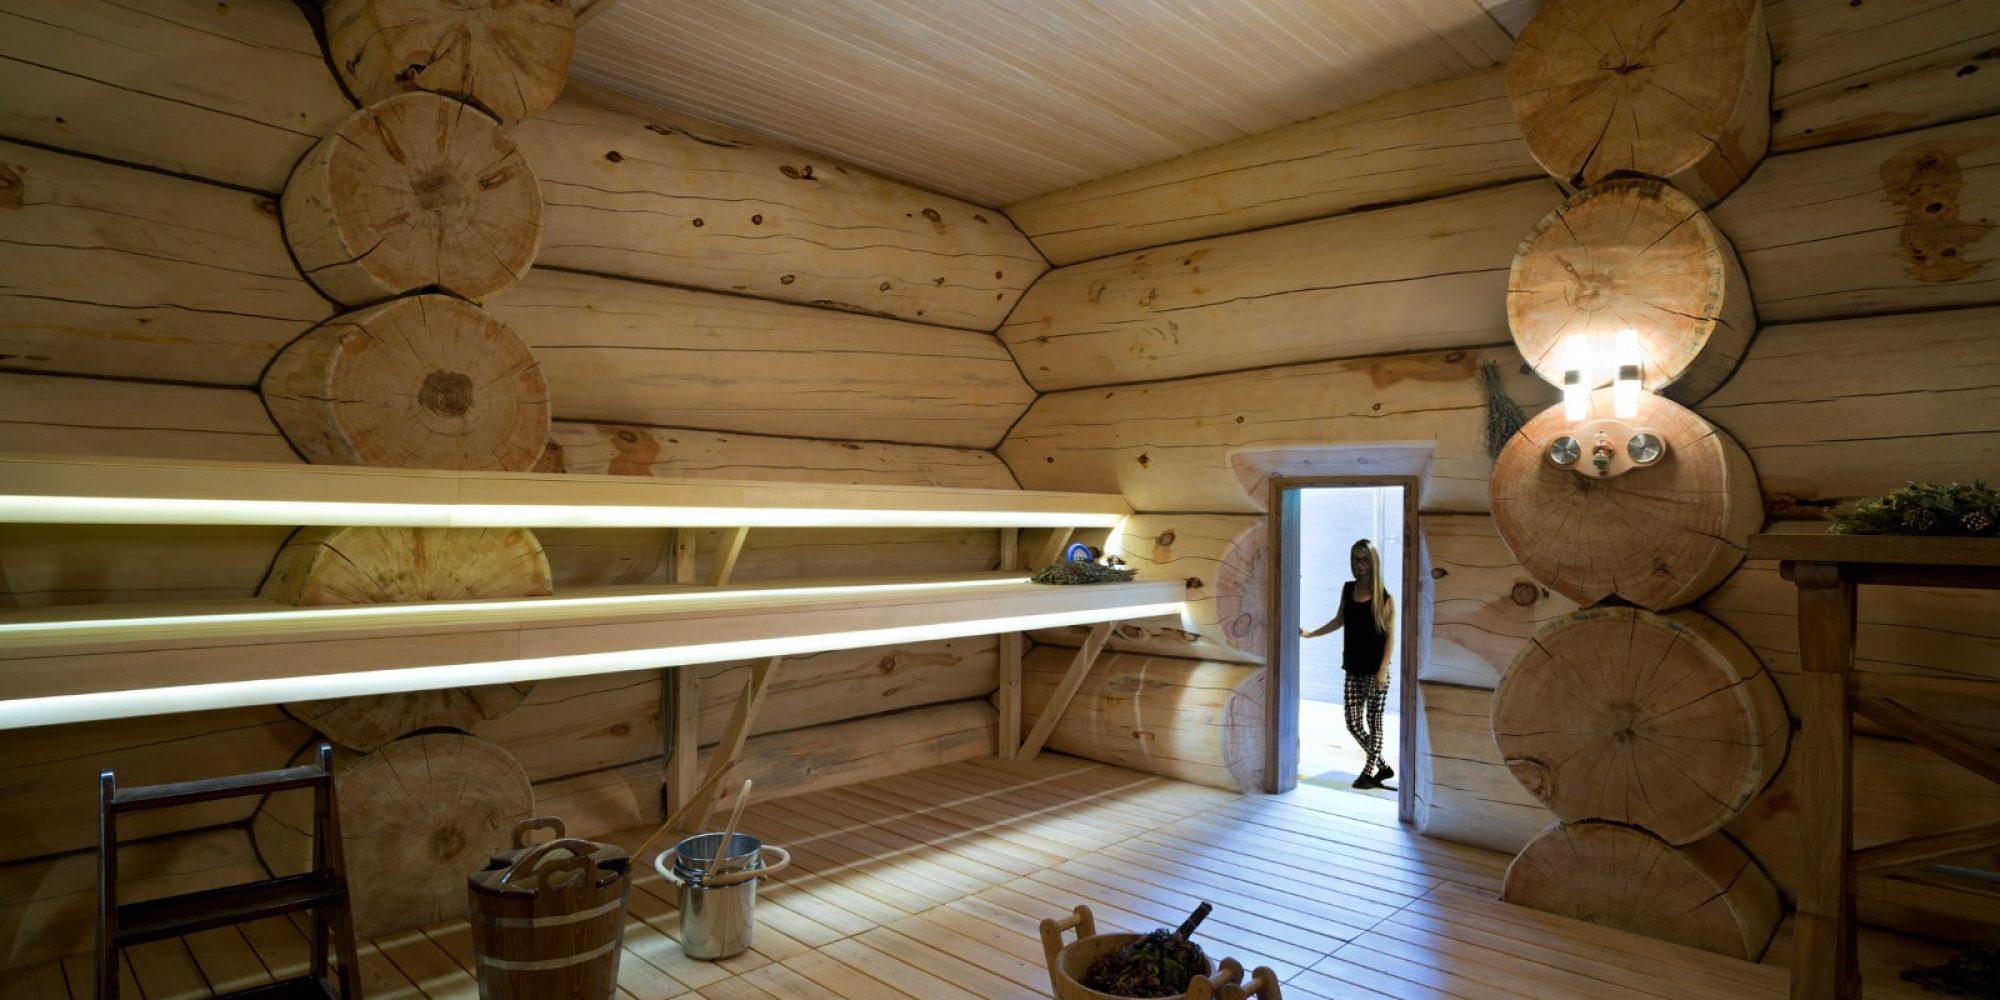 23-villa privata Mosca- Raboni architetti-pollice Illuminazione